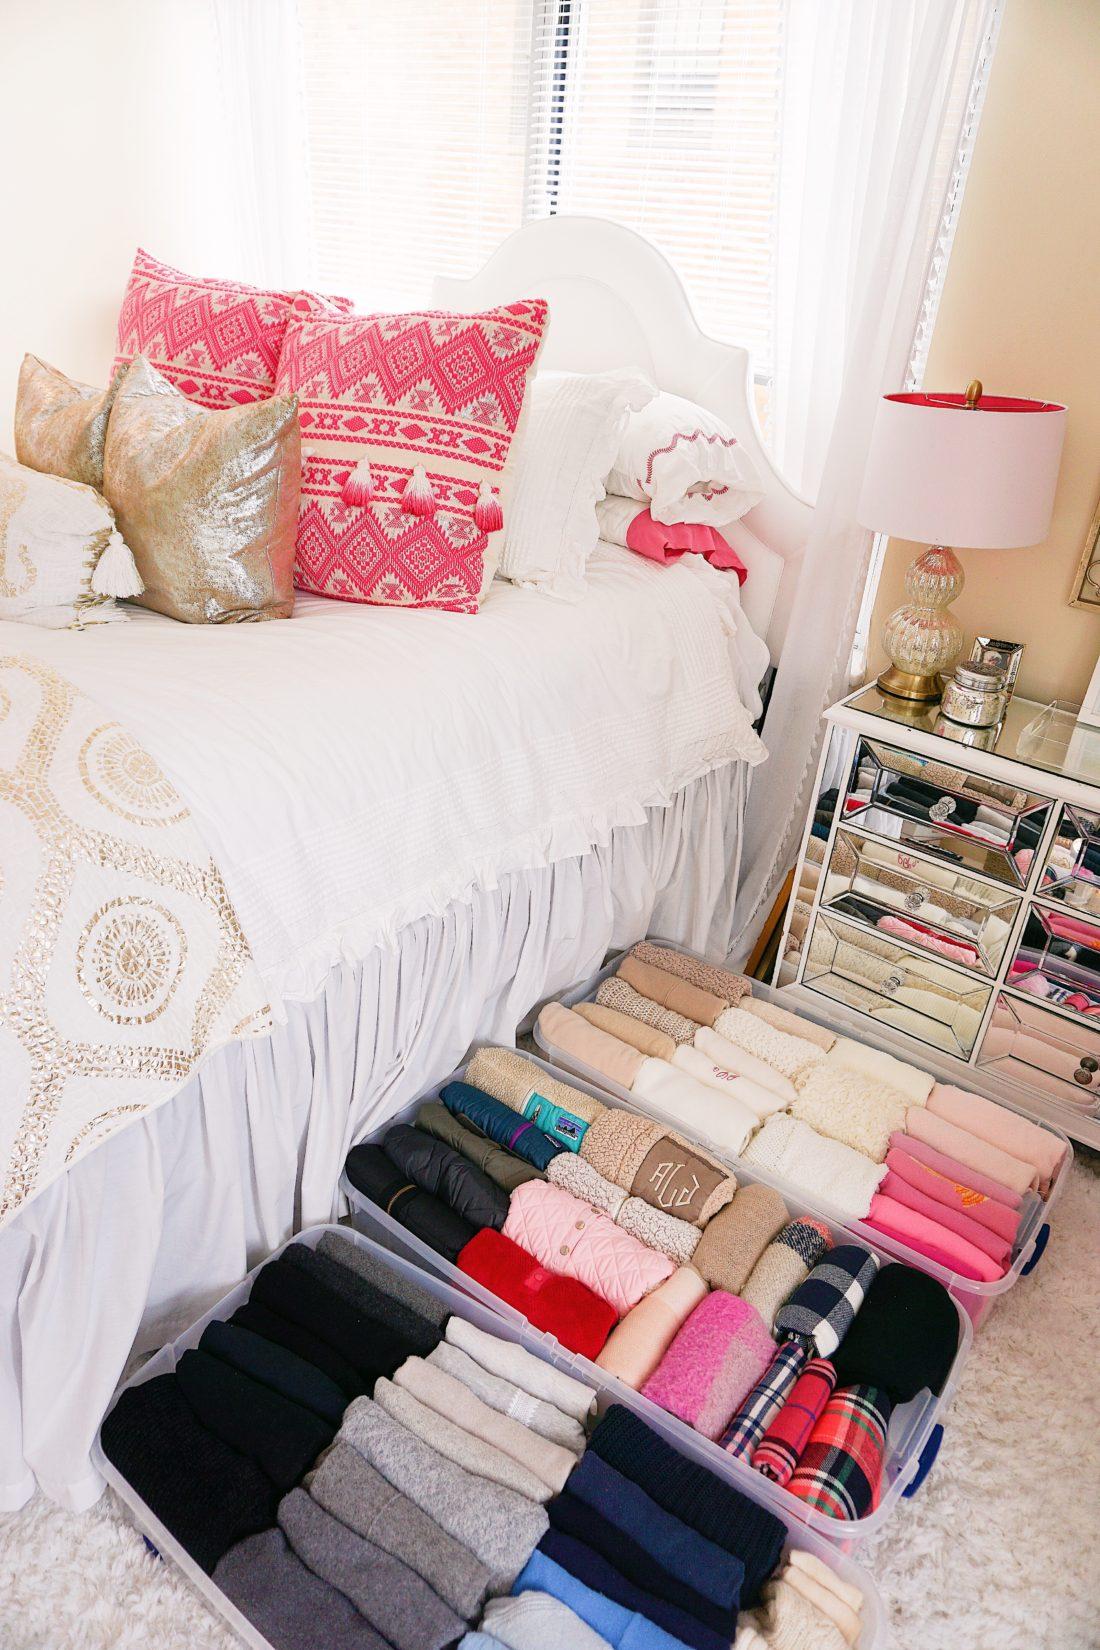 House of Turk closet organization under bed storage